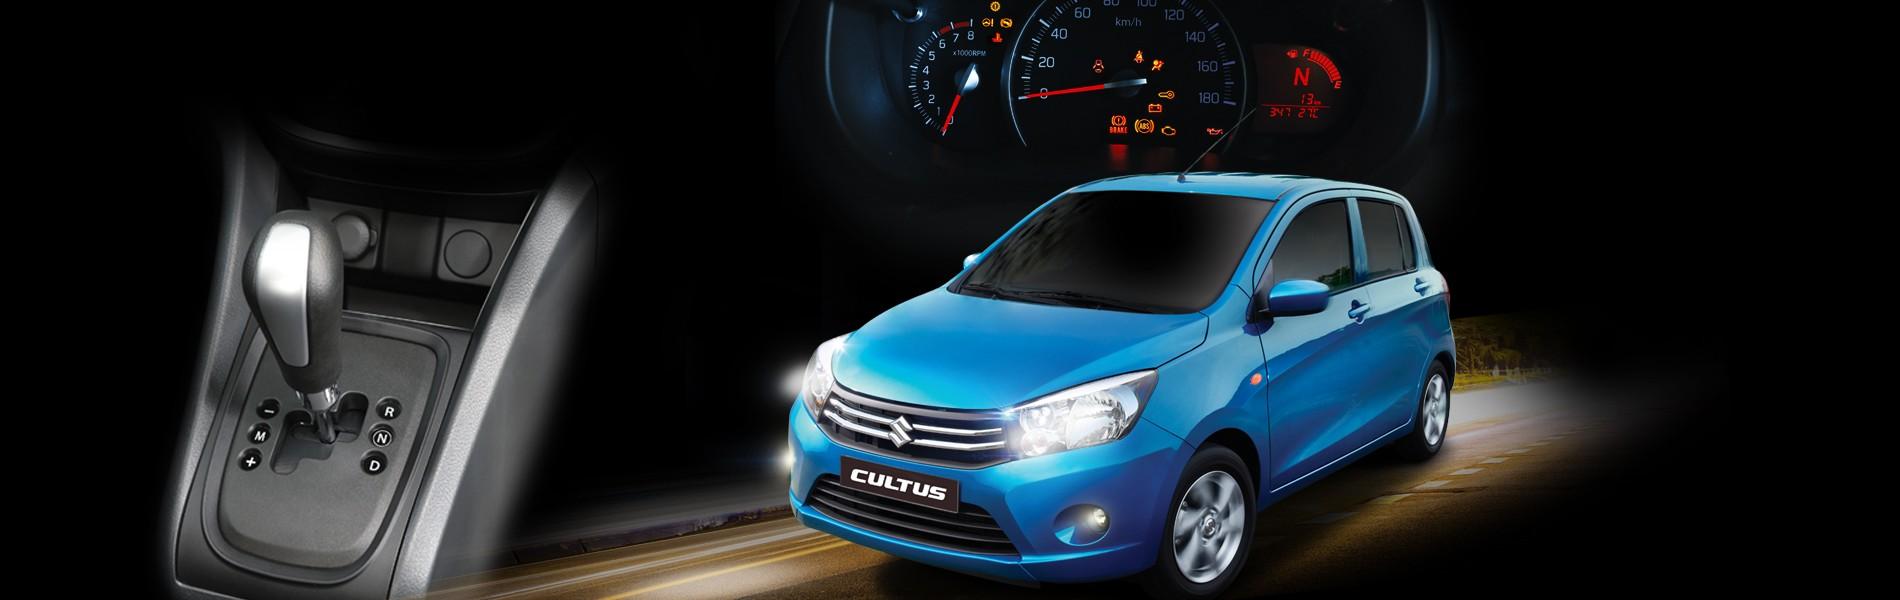 Suzuki Cultus 2020 AGS